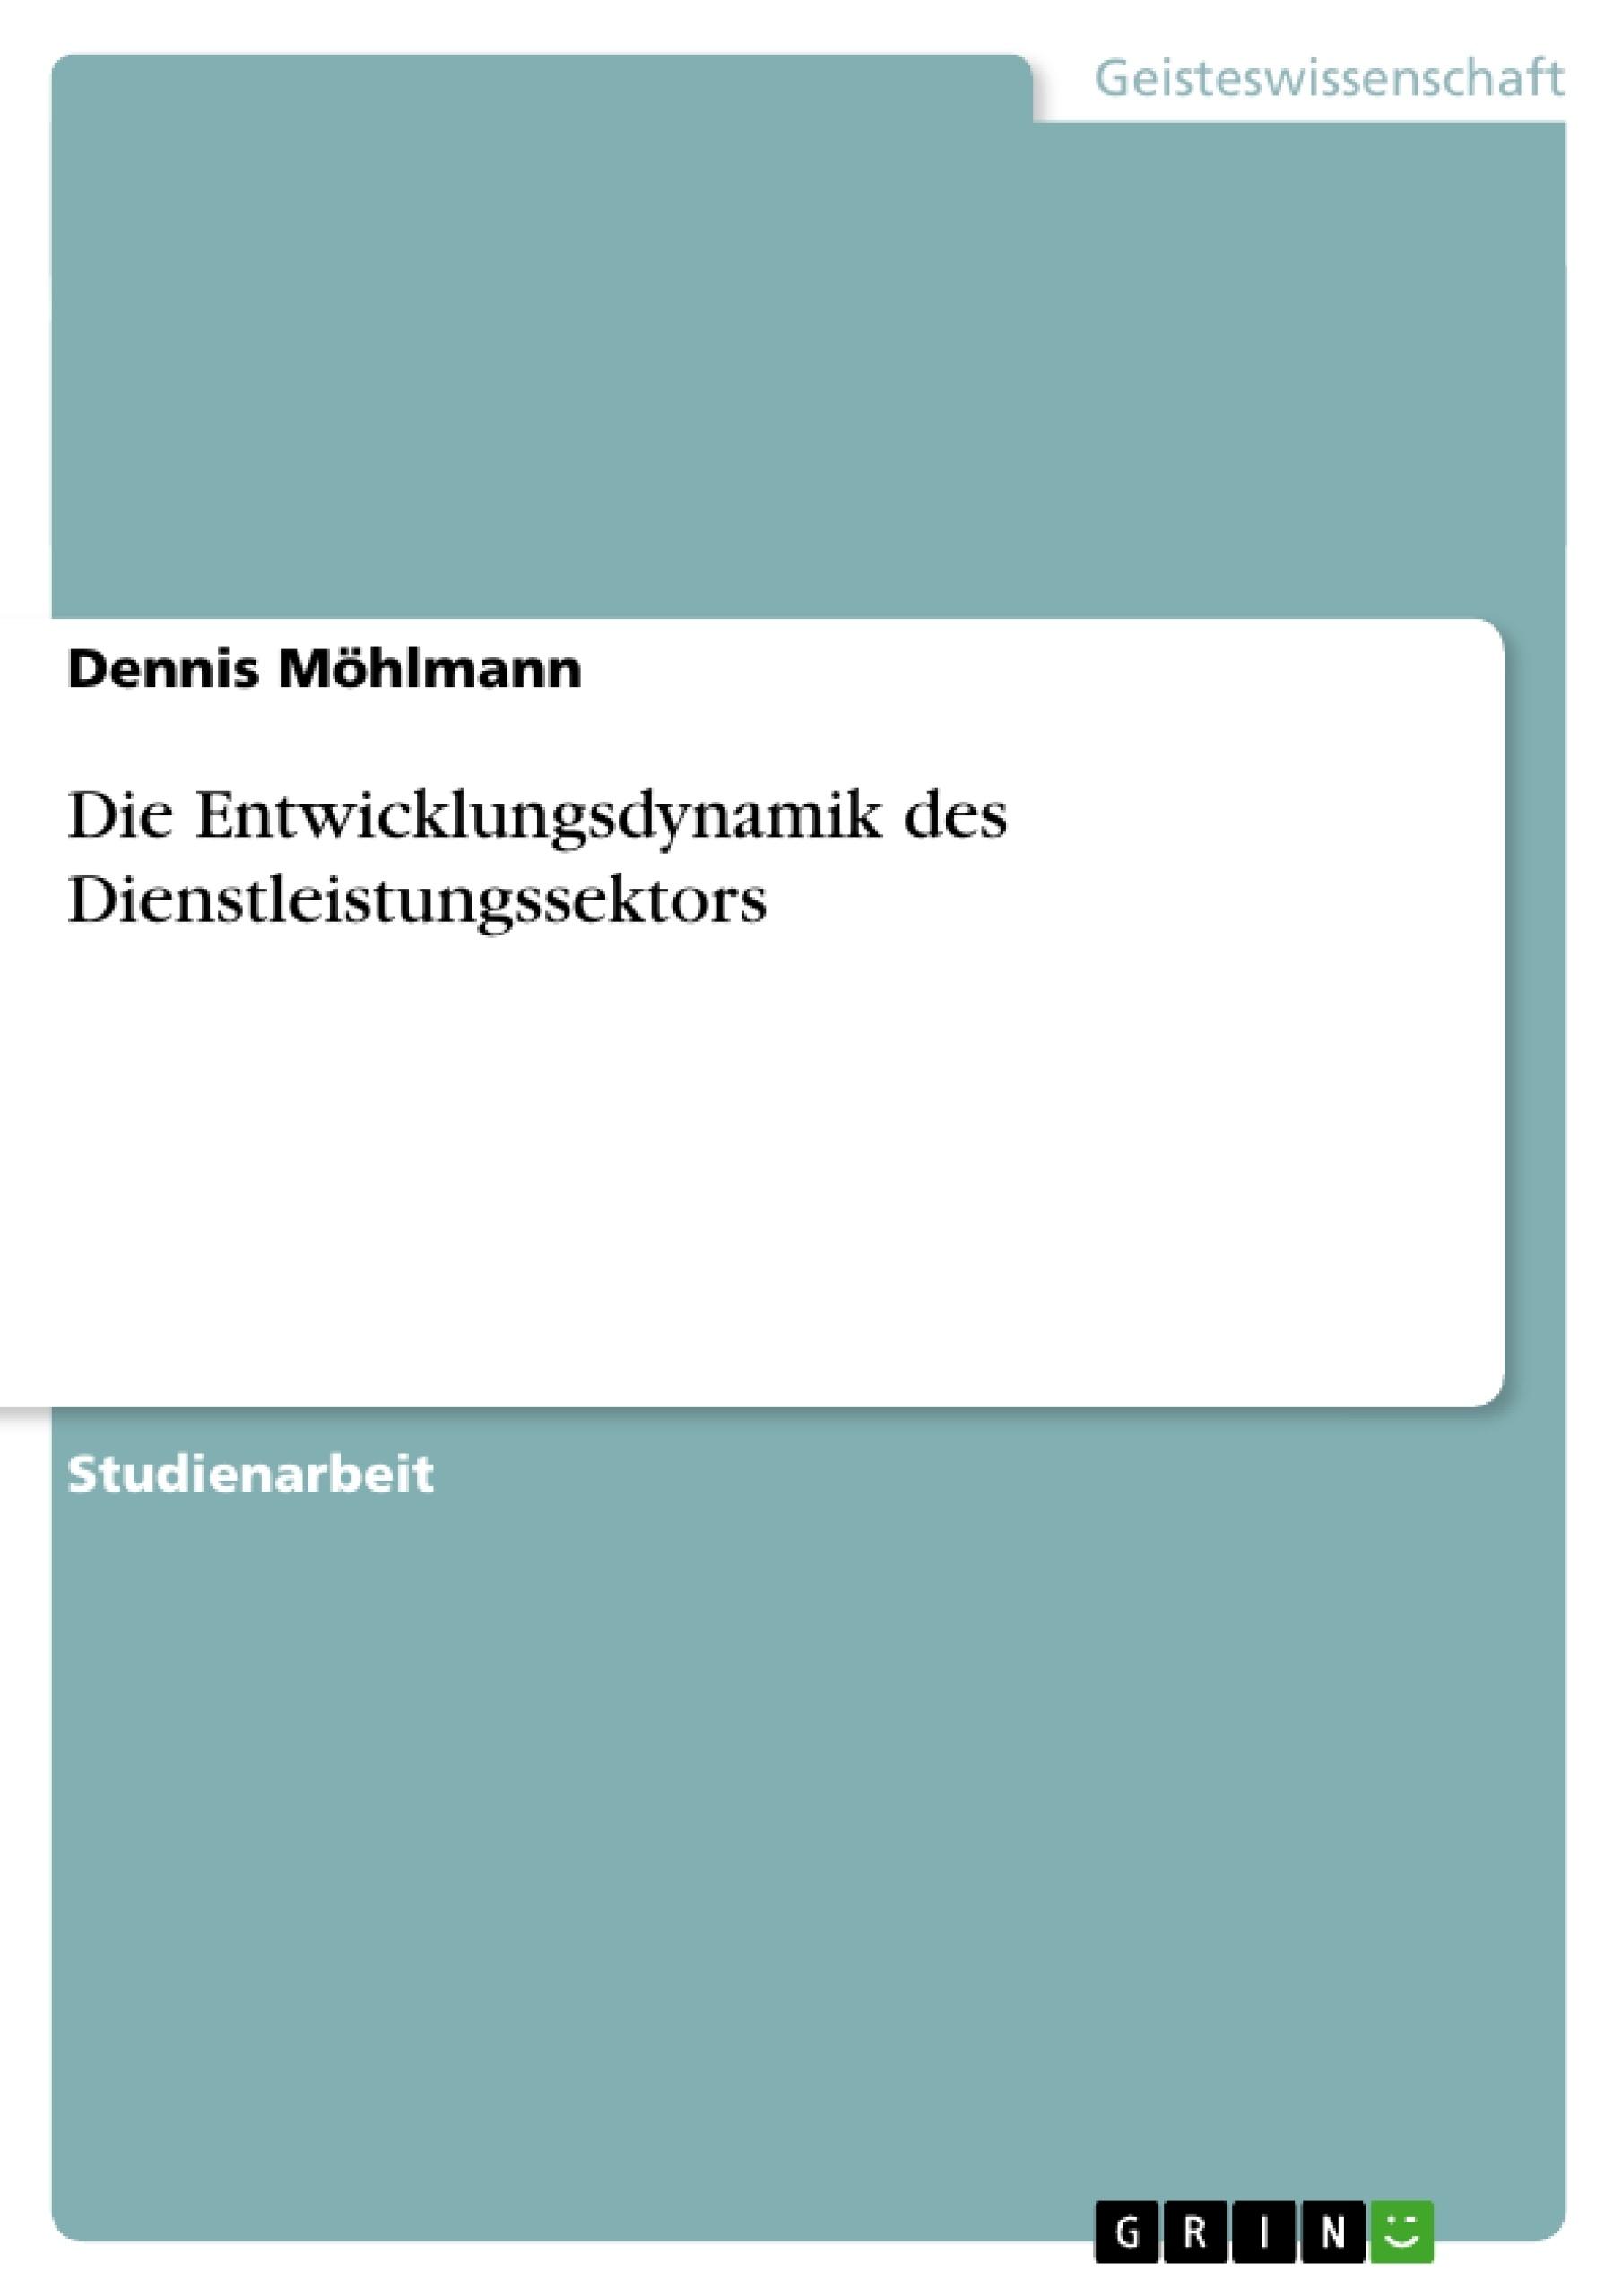 Titel: Die Entwicklungsdynamik des Dienstleistungssektors